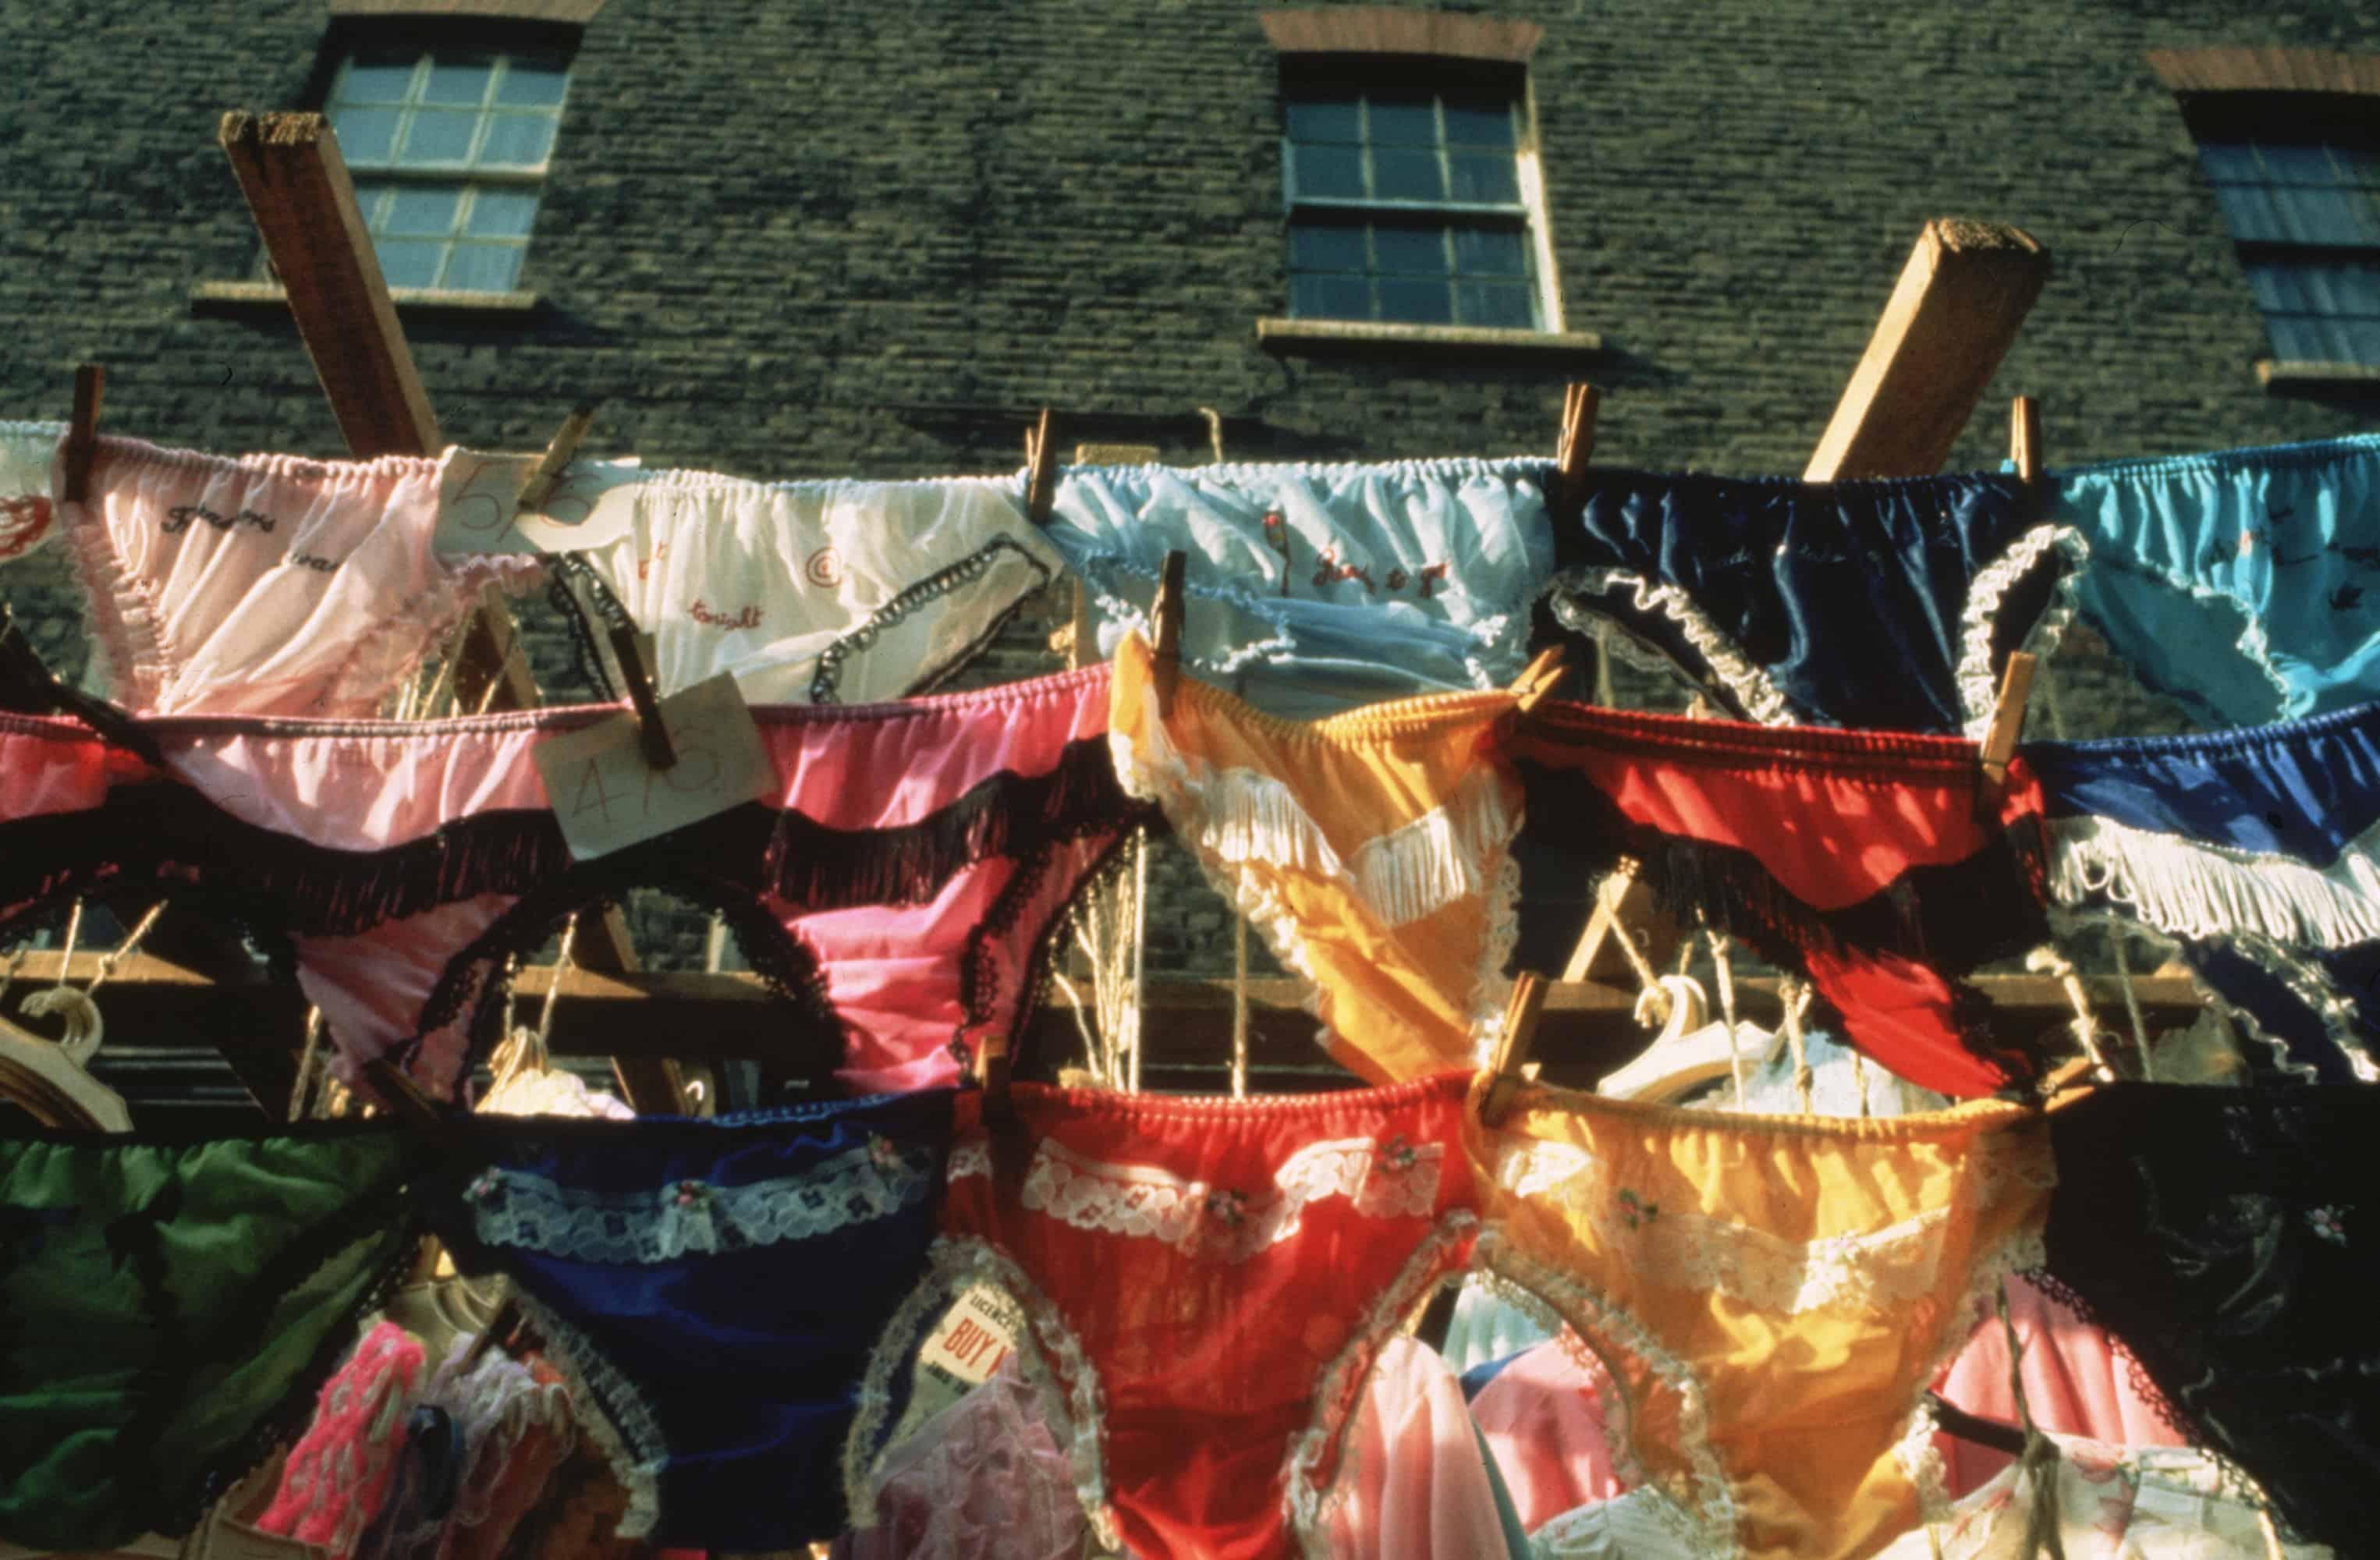 Pairs of underwear.